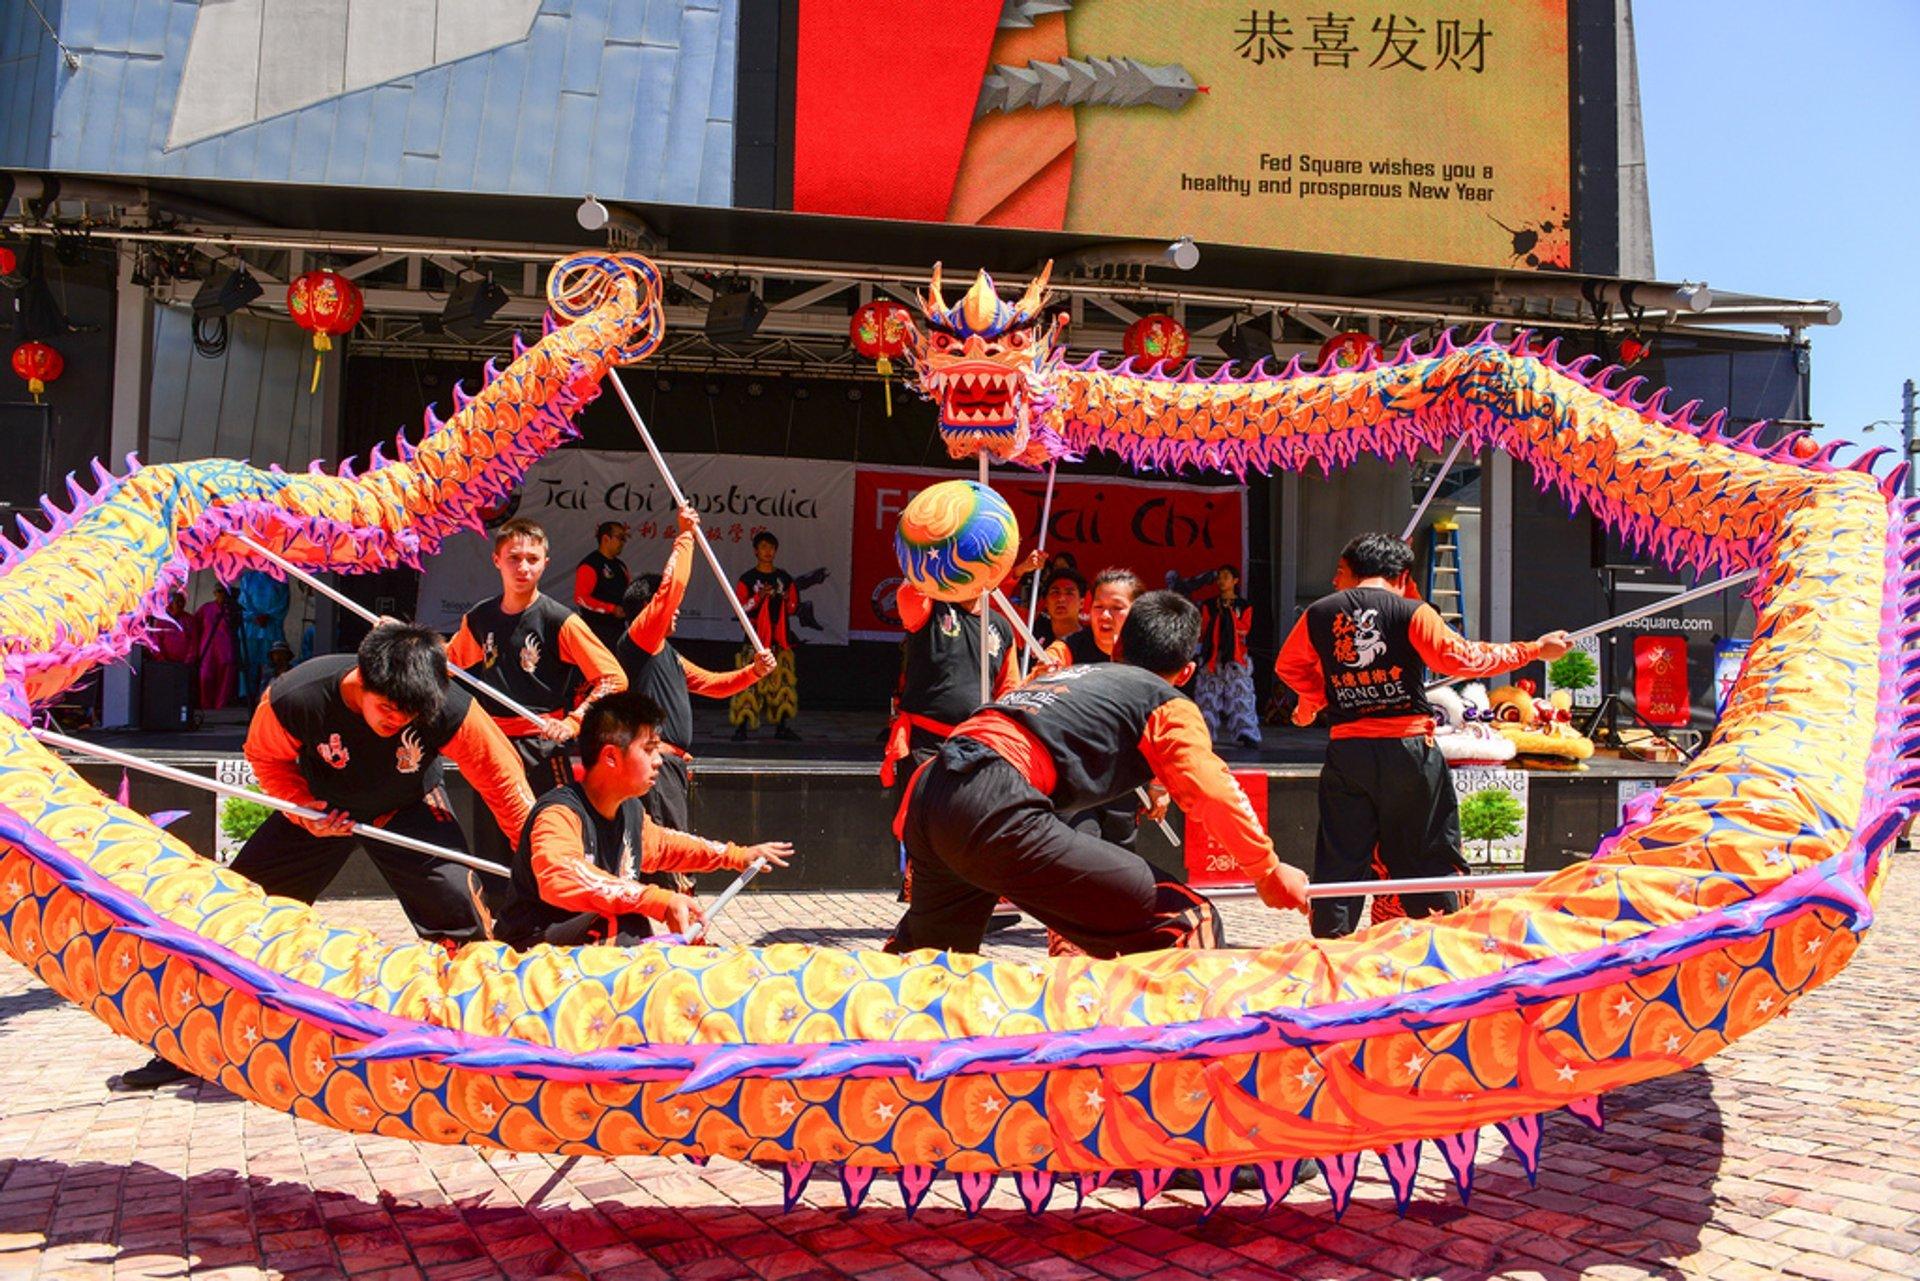 Chinese New Year in Australia - Best Season 2020